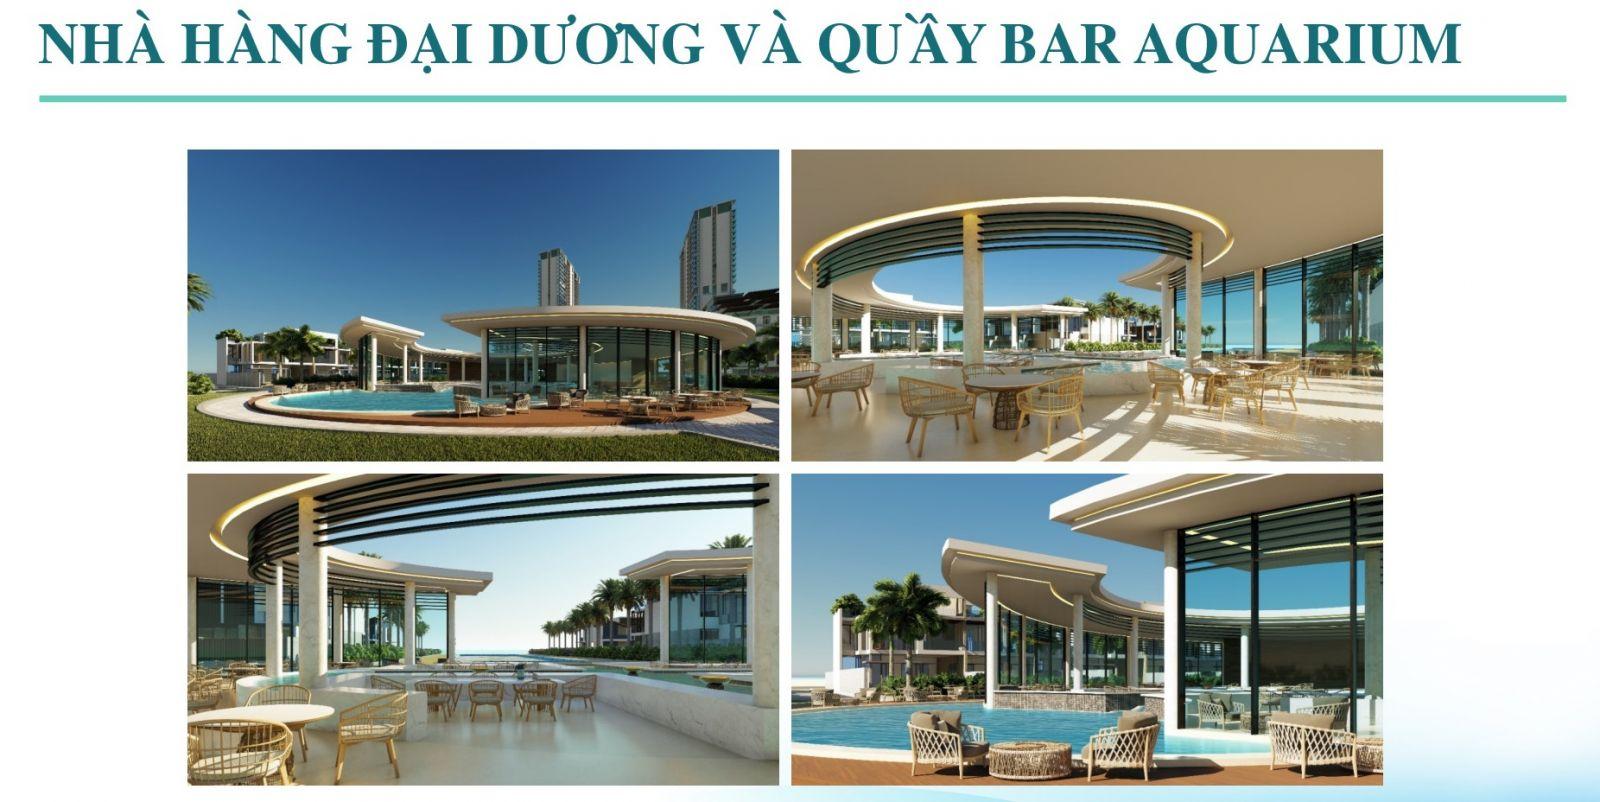 Dự án Aria Đà Nẵng Hotel & Resort (Aria DaNang Hotel And Resort)